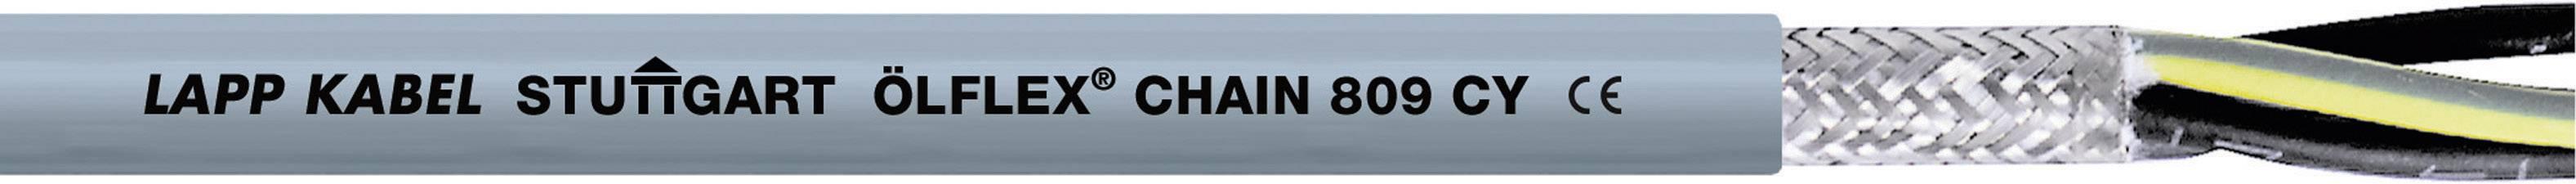 Žíla kabelu LappKabel ÖLFLEX CHAIN 809 CY 12G1,0 (1026772), 12x 1 mm², PVC, Ø 11,7 mm, stíněný, 100 m, šedá